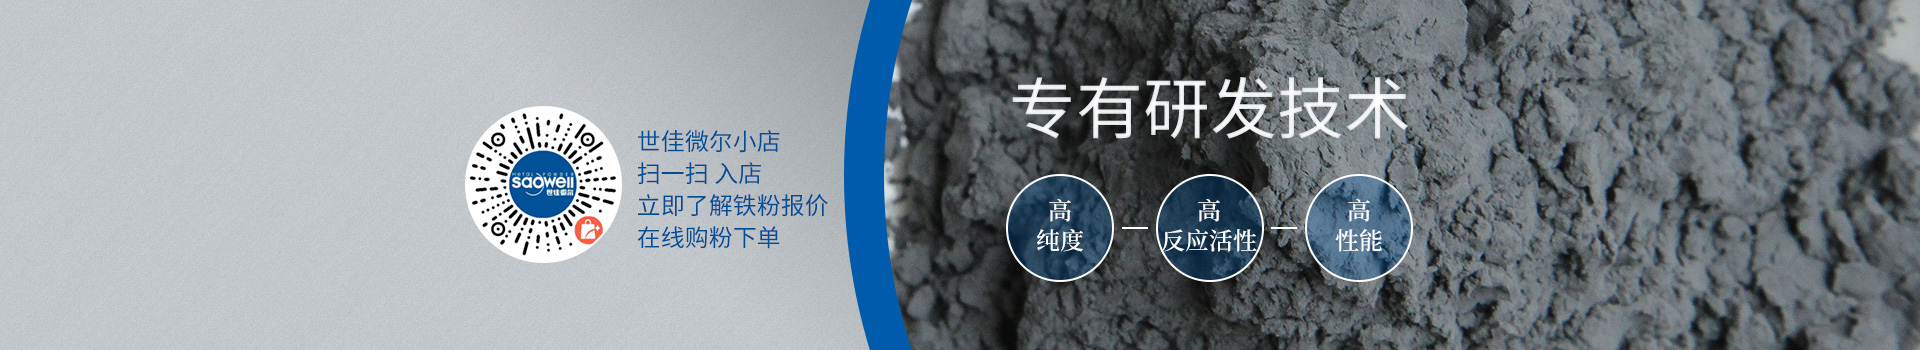 世佳微尔超细铁粉,专有研发技术